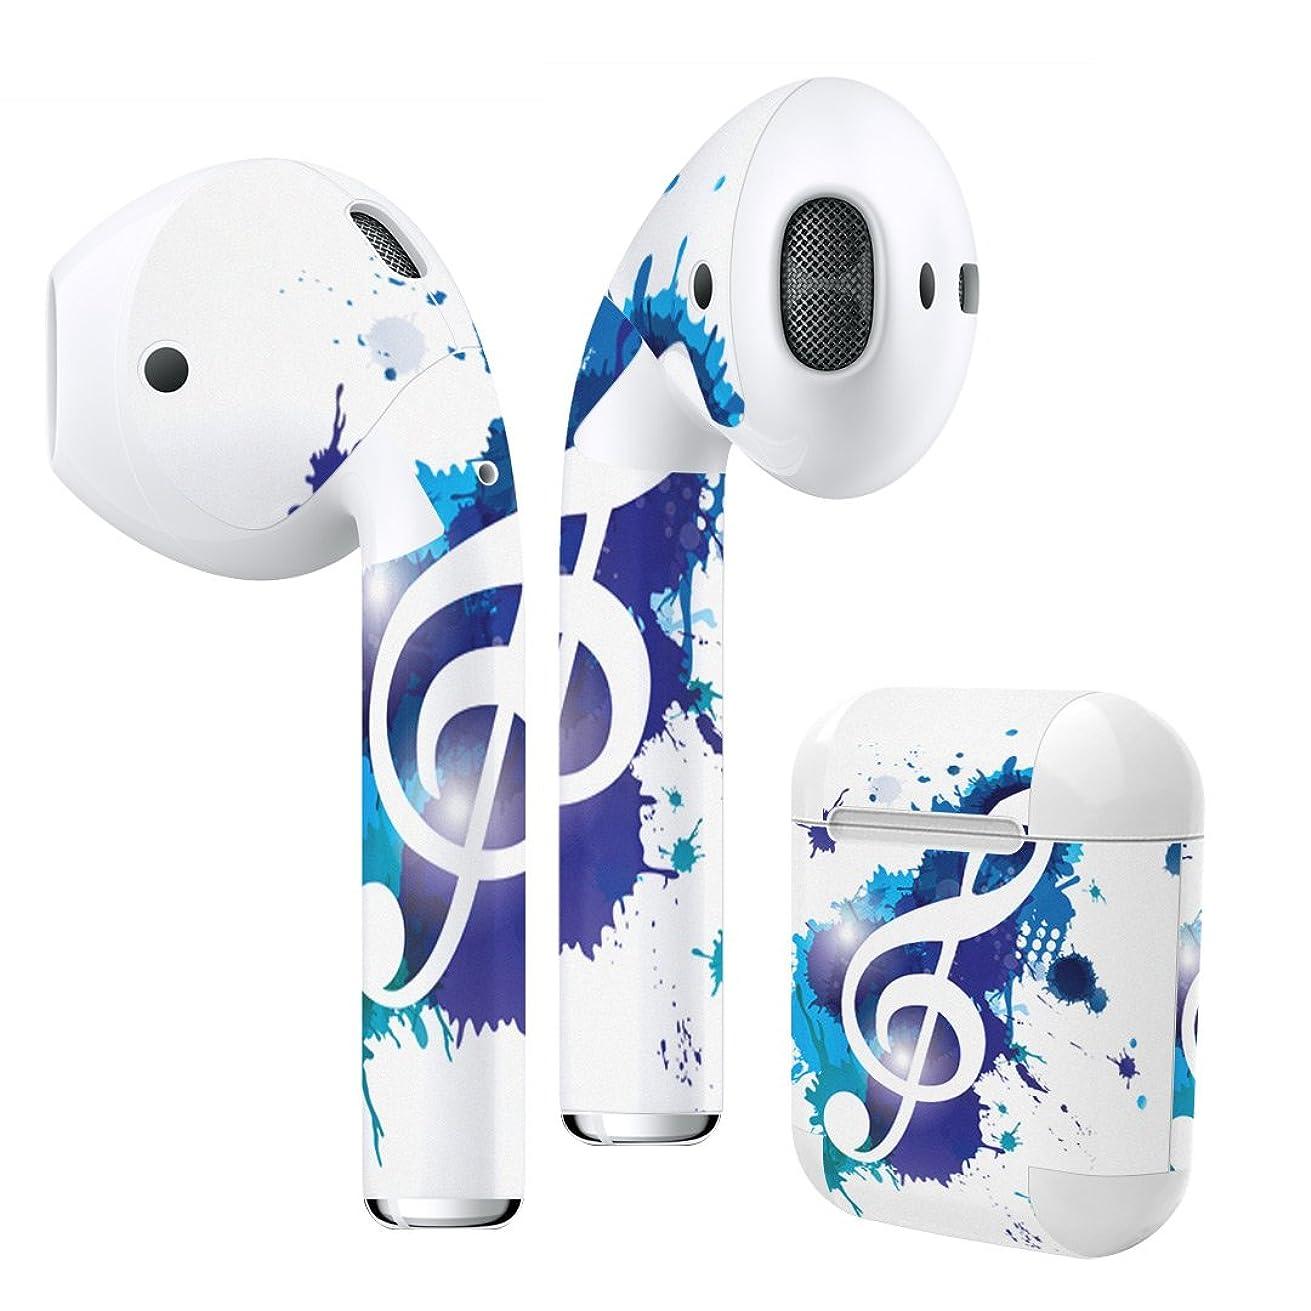 ポンプ投げるトロピカルigsticker Air Pods 専用 デザインスキンシール airpods エアポッド apple アップル AirPods 第一世代(2016)airpods2 第二世代(2019)対応 イヤホン カバー デコレーション アクセサリー デコシール 003301 ラブリー ユニーク 音楽 音符 青